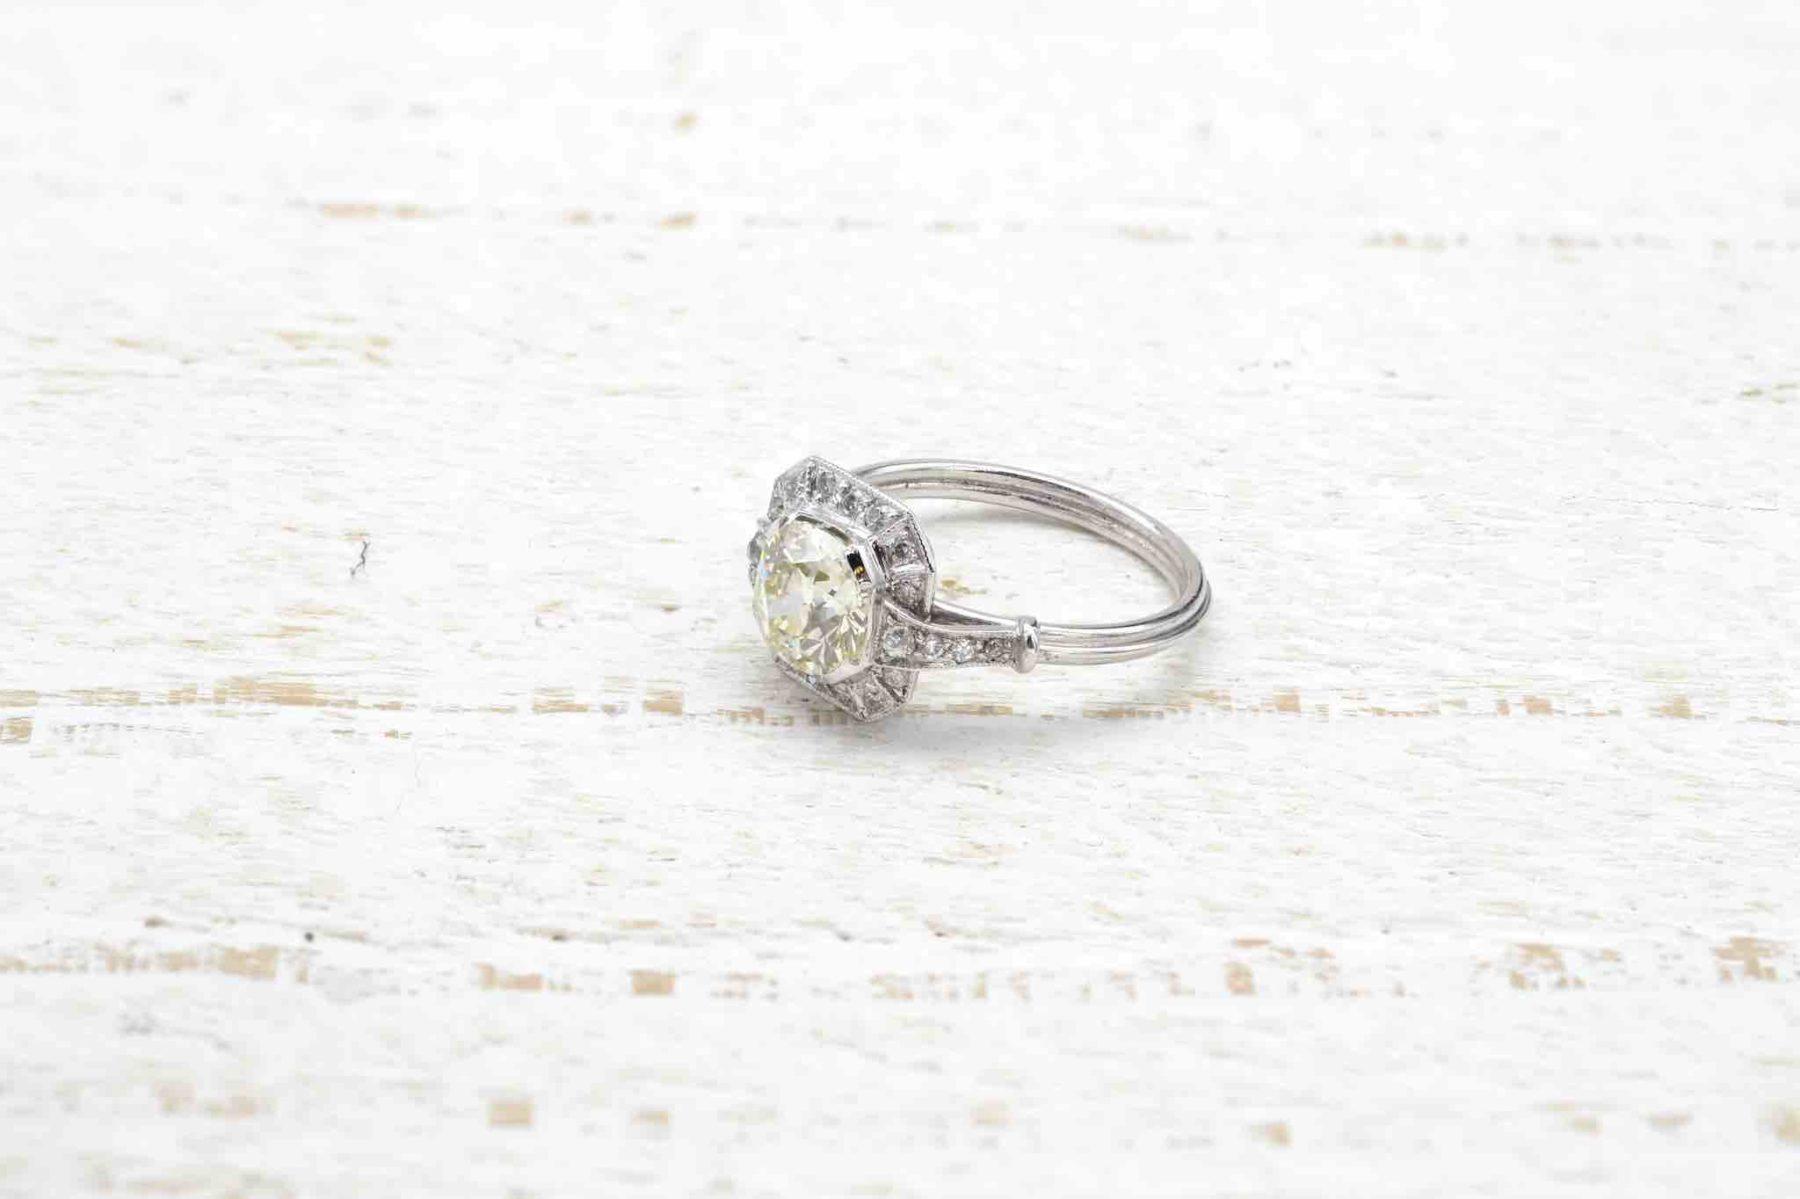 Bague solitaire diamant de 1,39 carats en platine